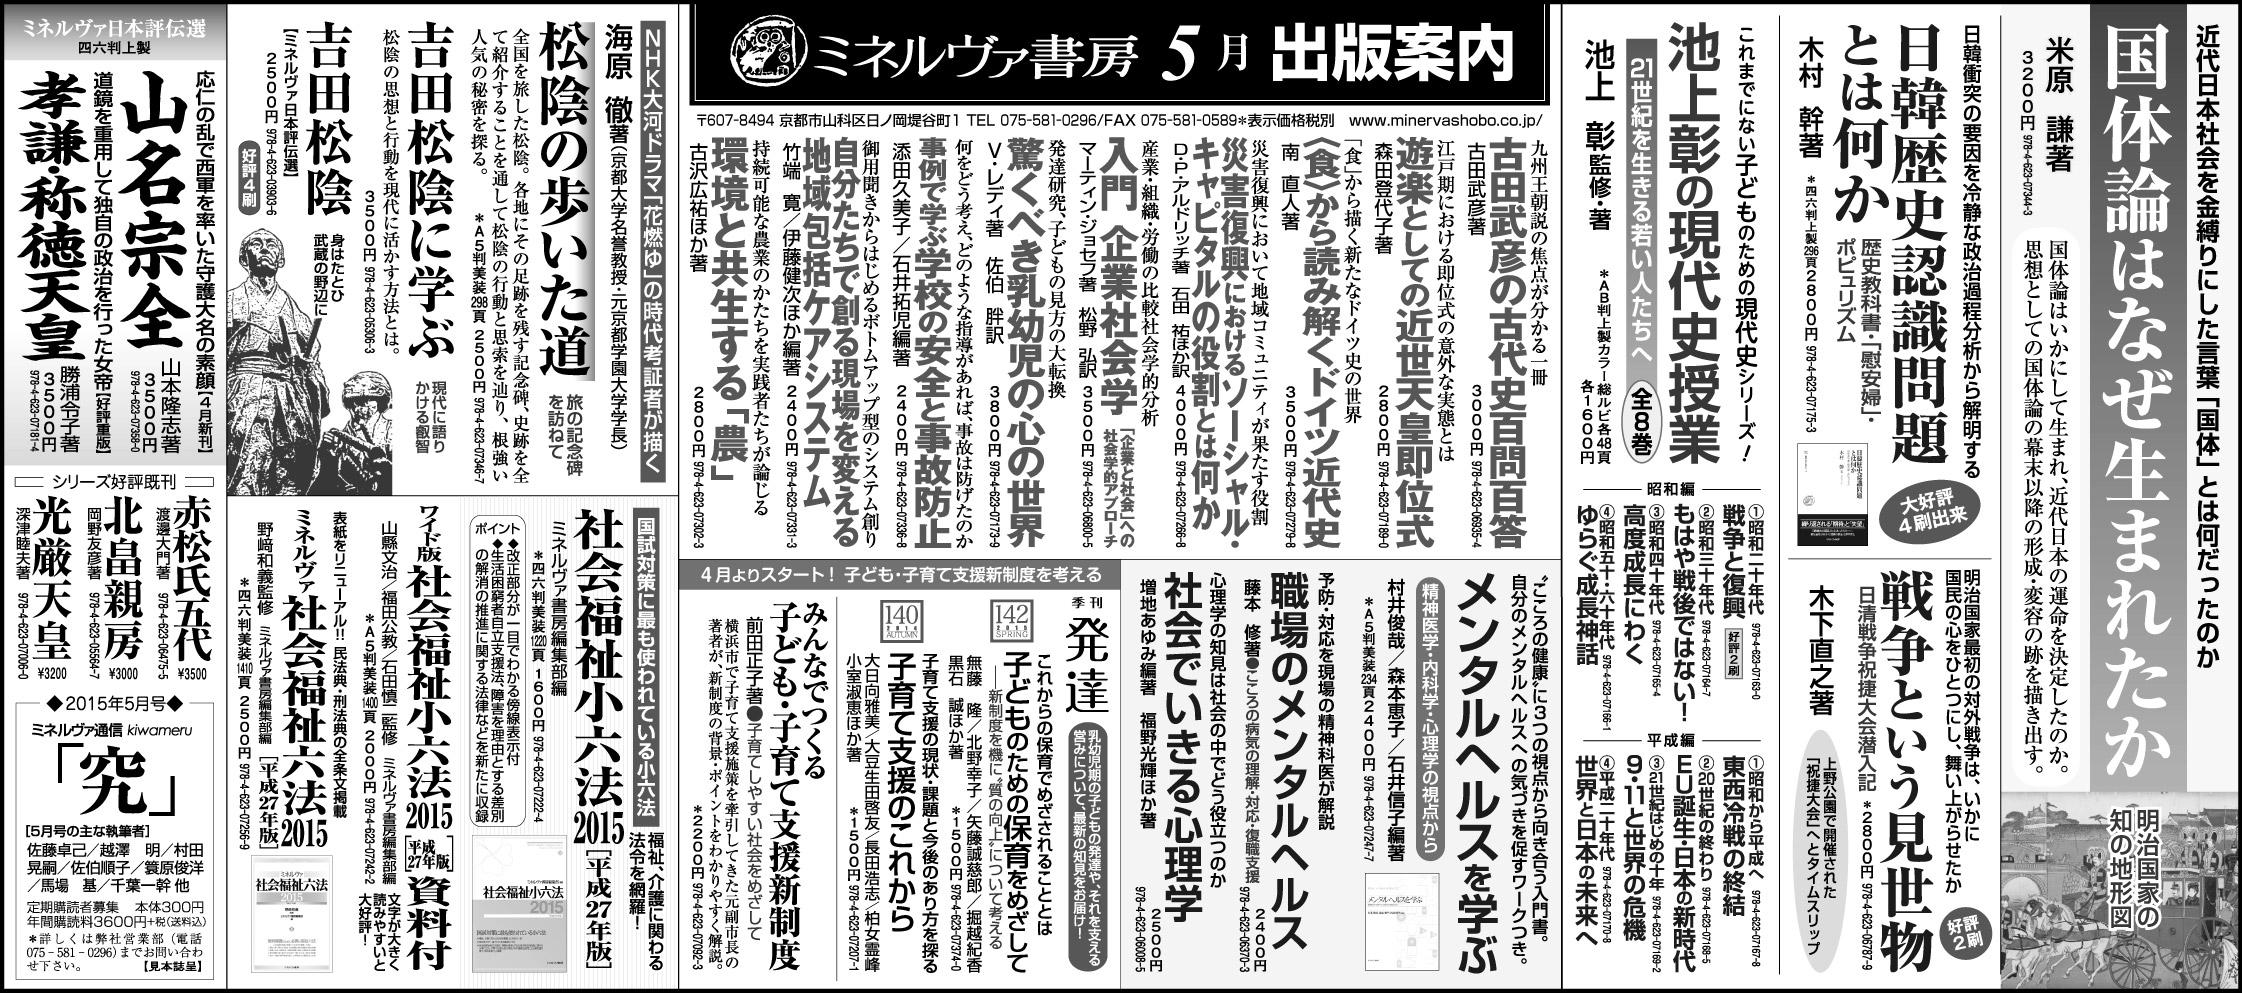 読売新聞全5段広告2015年5月14日掲載